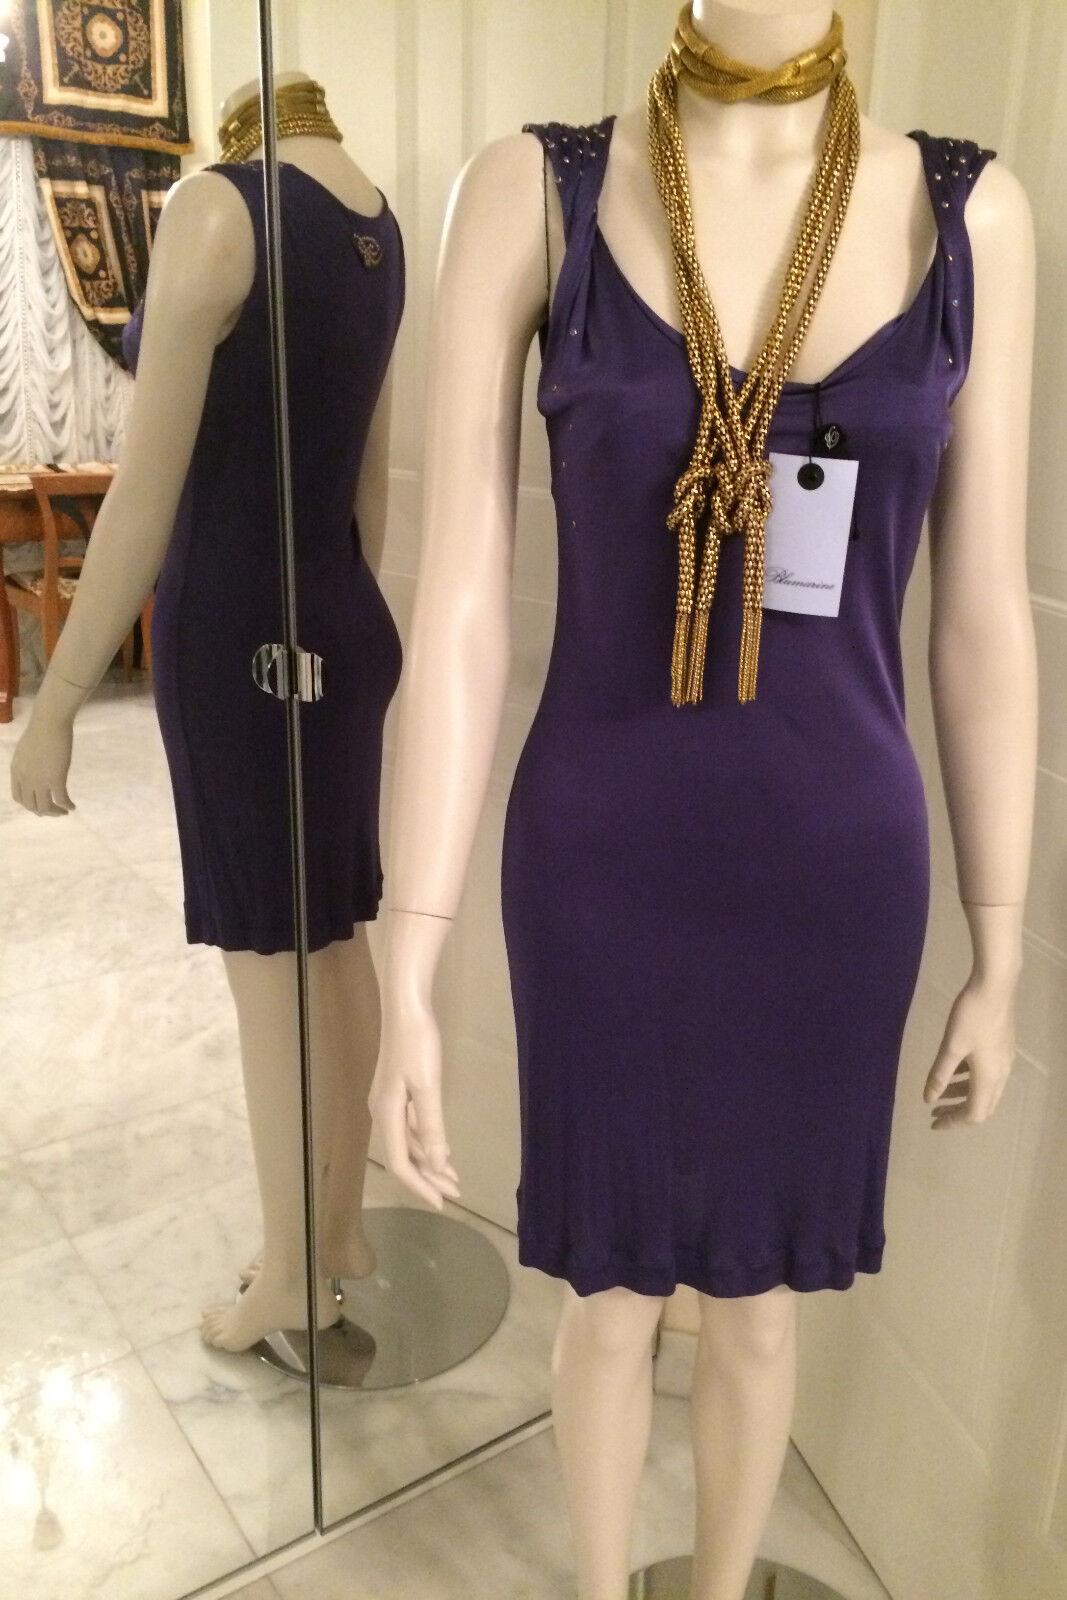 BLUMARINE, designer vestito, 690 euro, Lusso, haute couture, S, M, L, XL